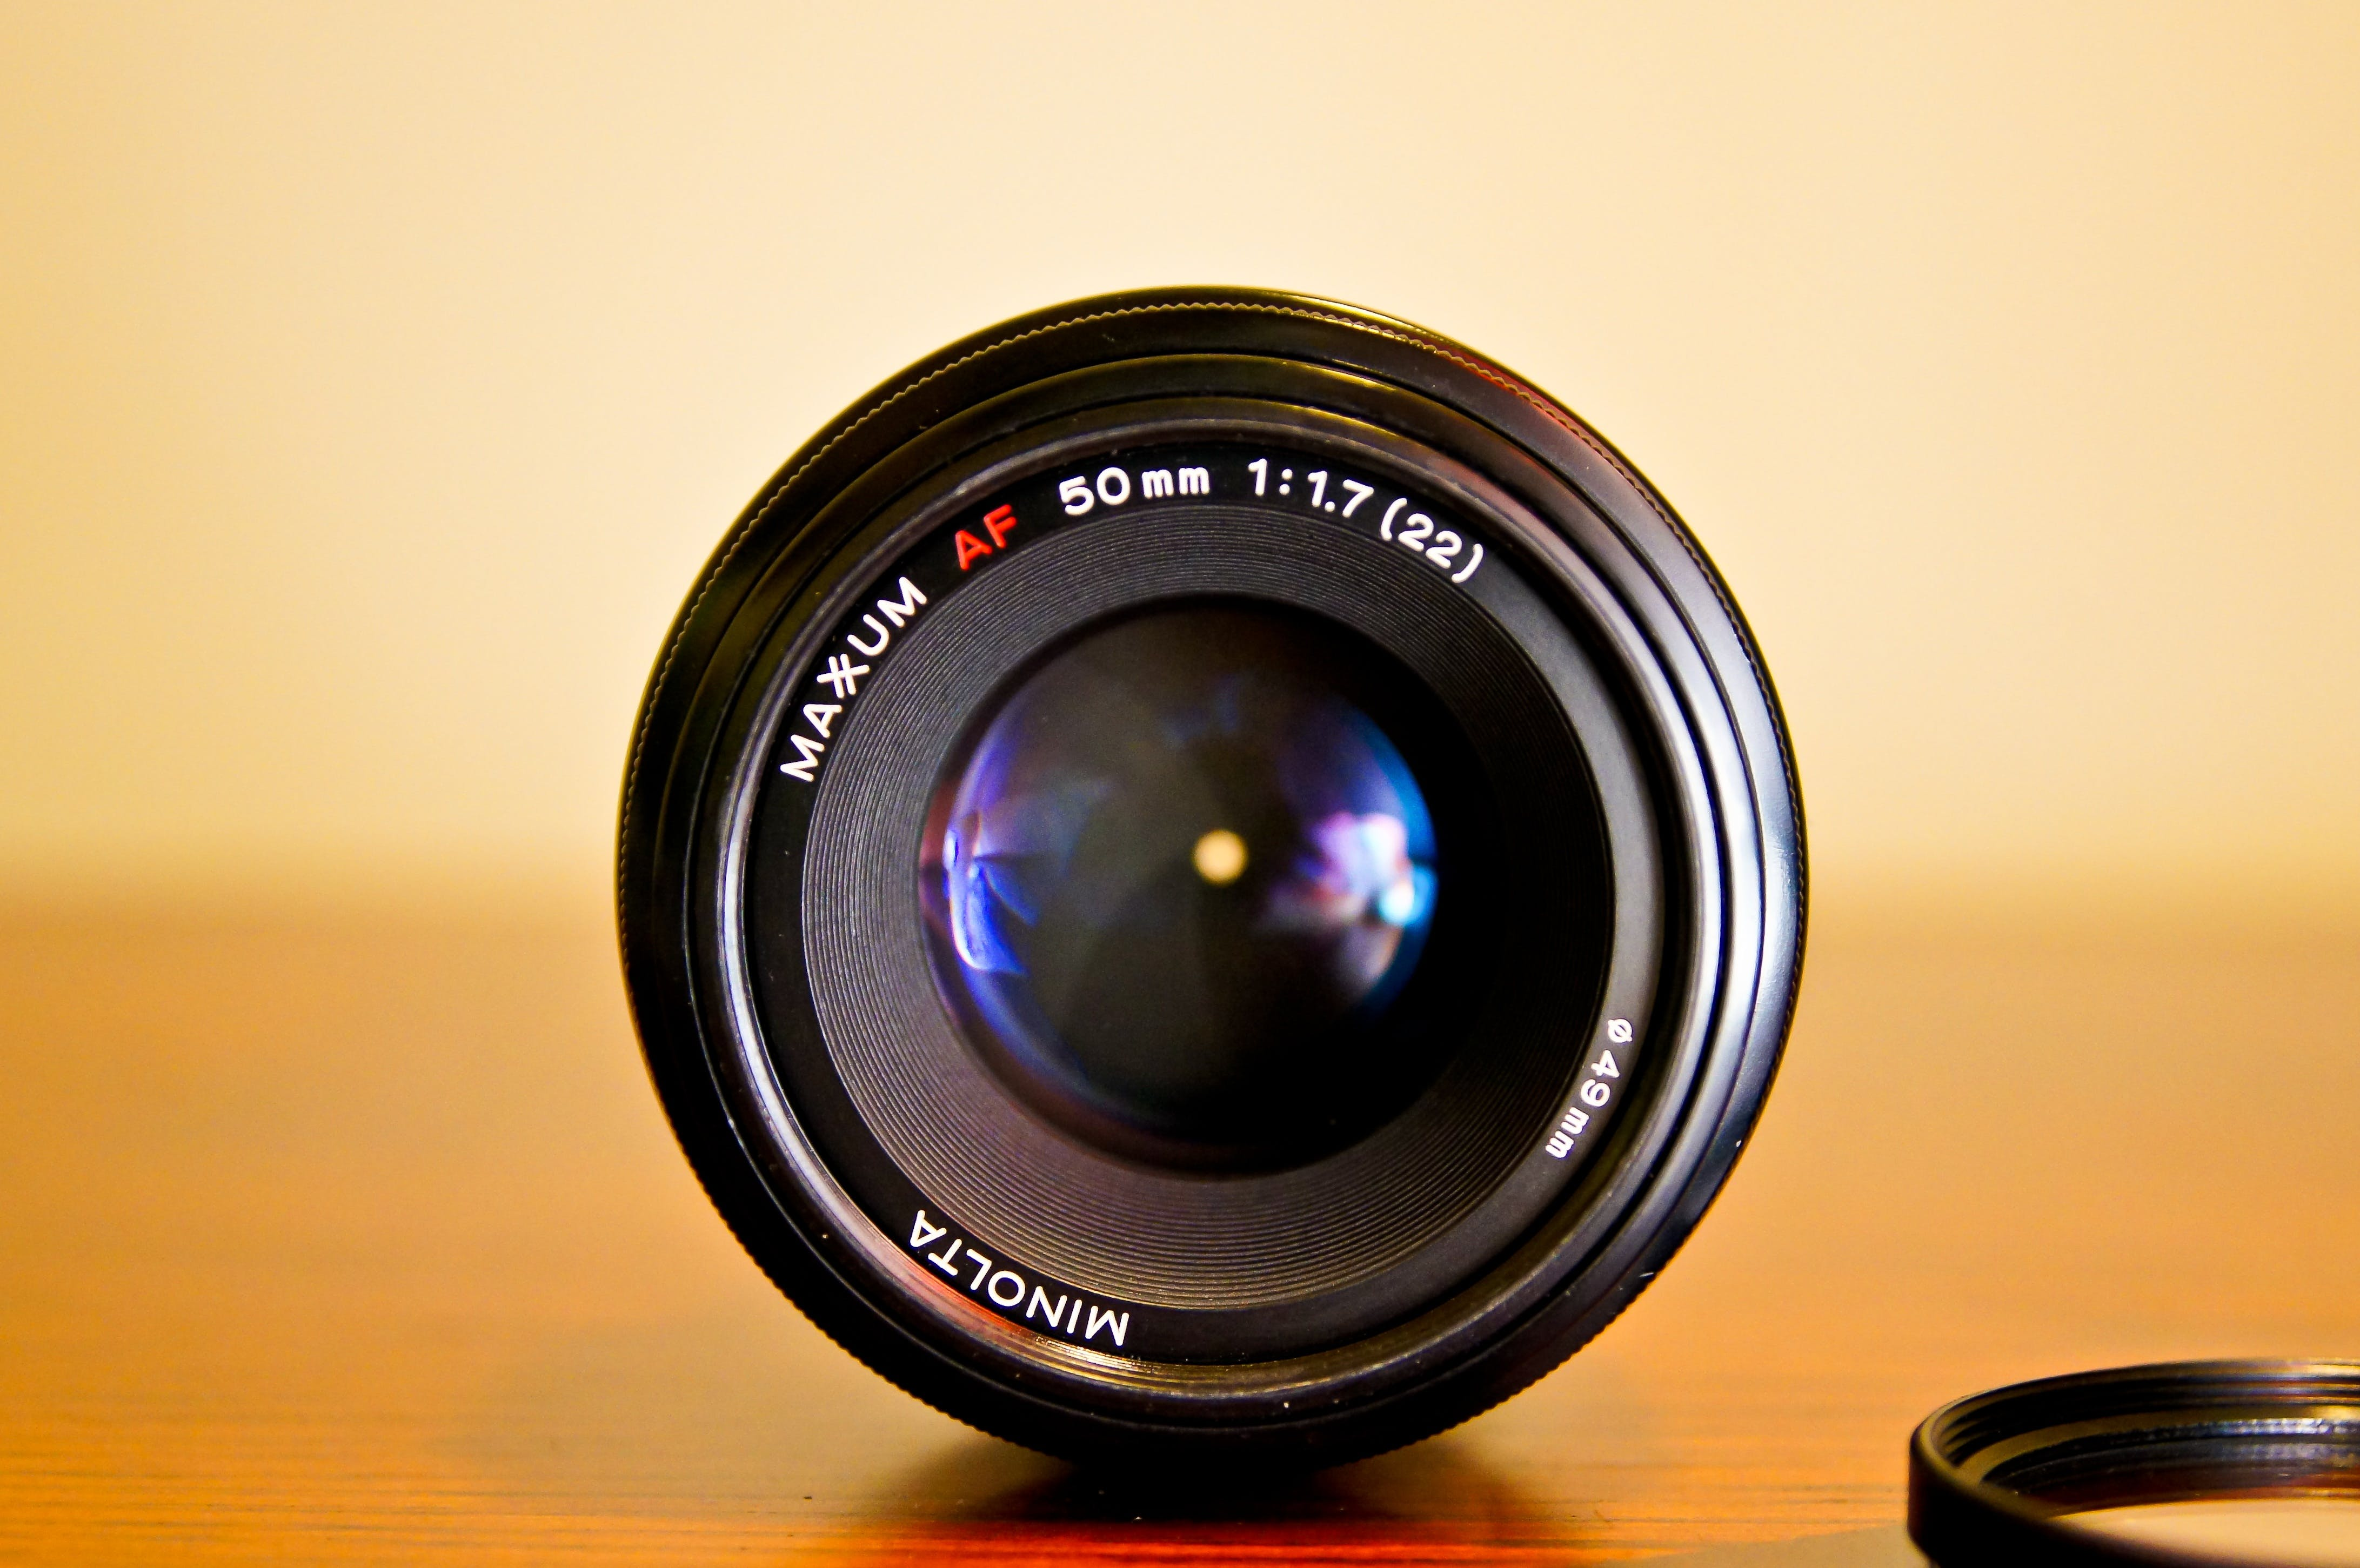 Kostenloses Stock Foto zu fotografie, linse, zoom, ausrüstung